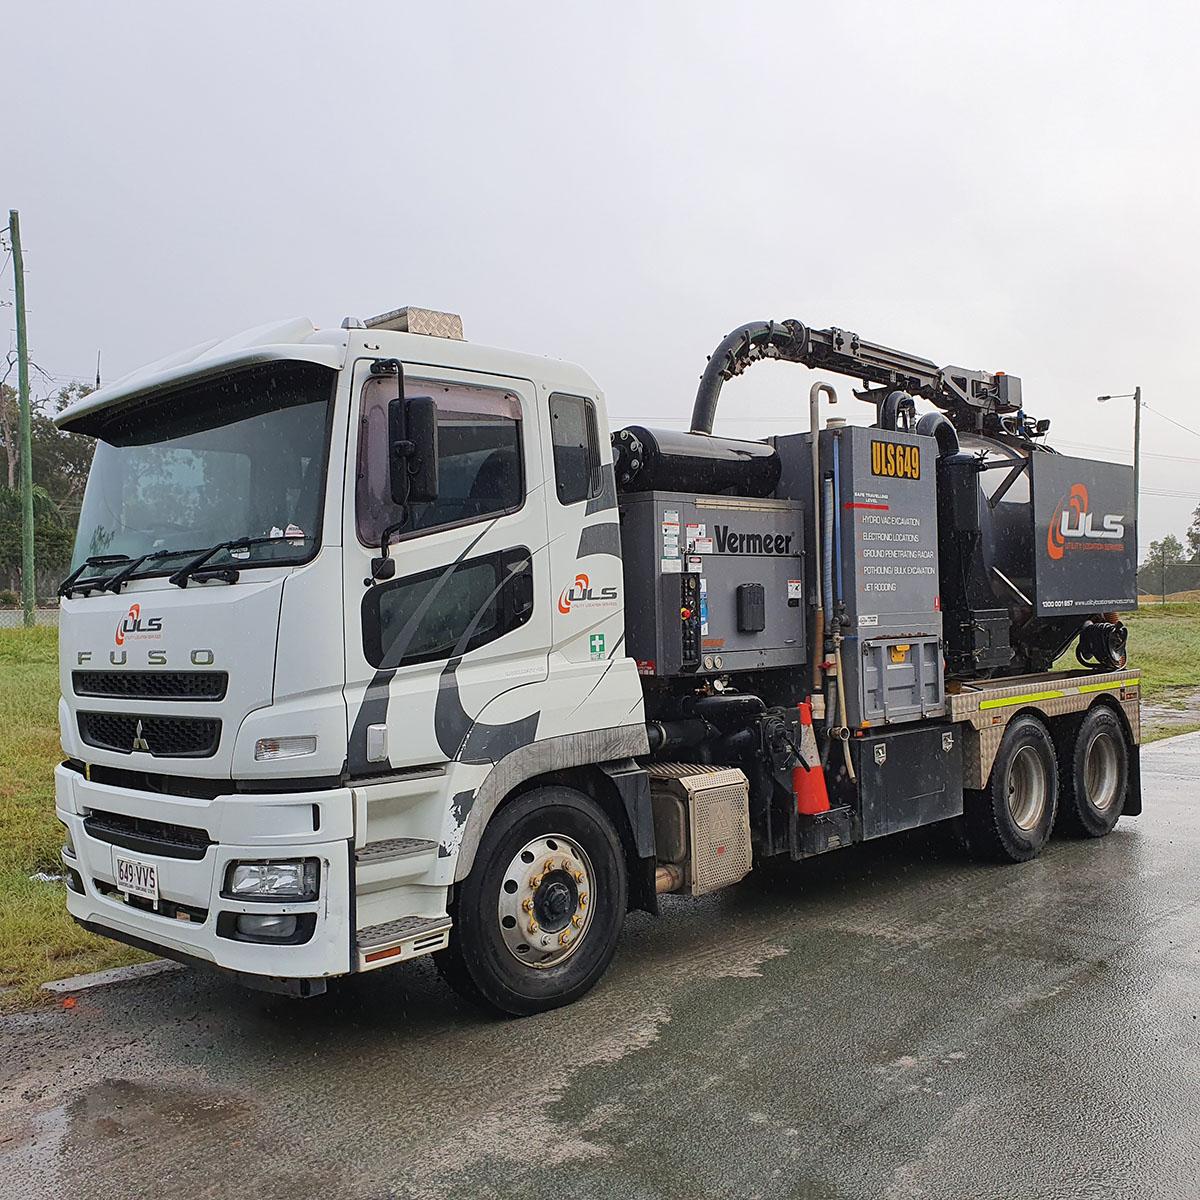 1200 hi cfm 6000 litre vac truck hire gold coast brisbane